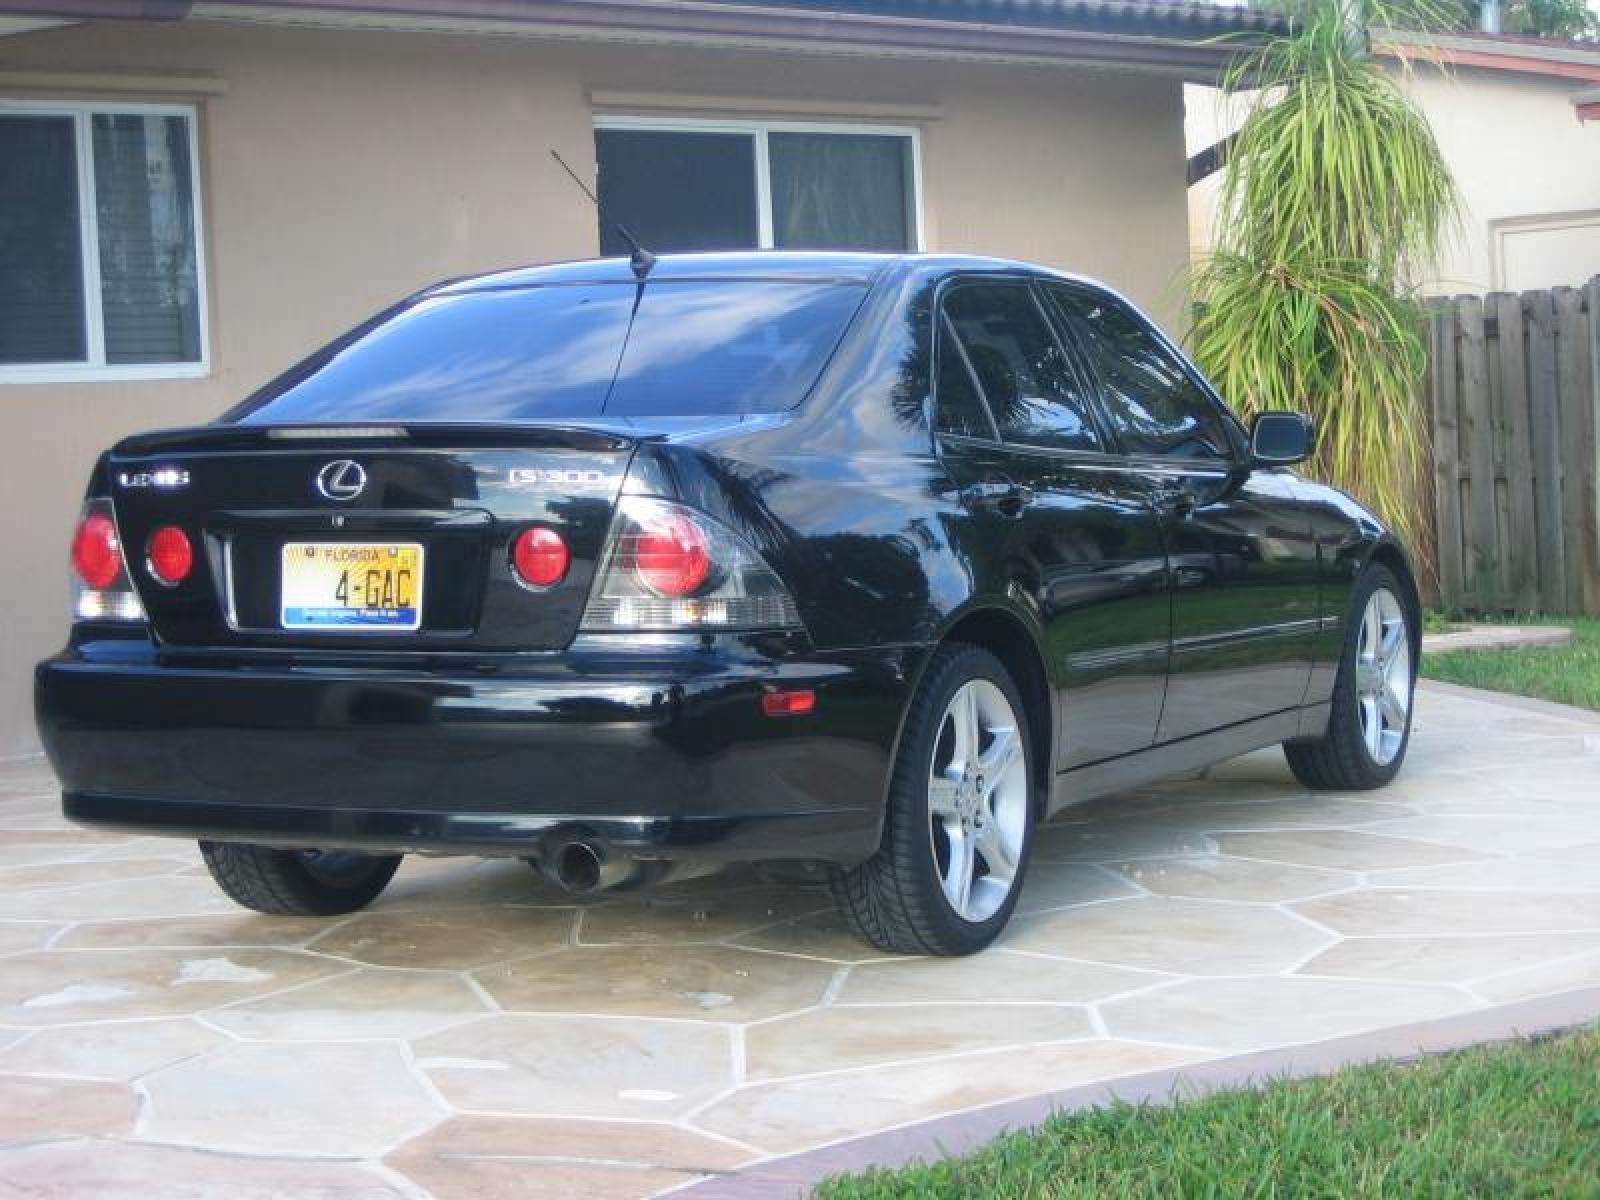 800 1024 1280 1600 Origin 2003 Lexus IS 300 ...